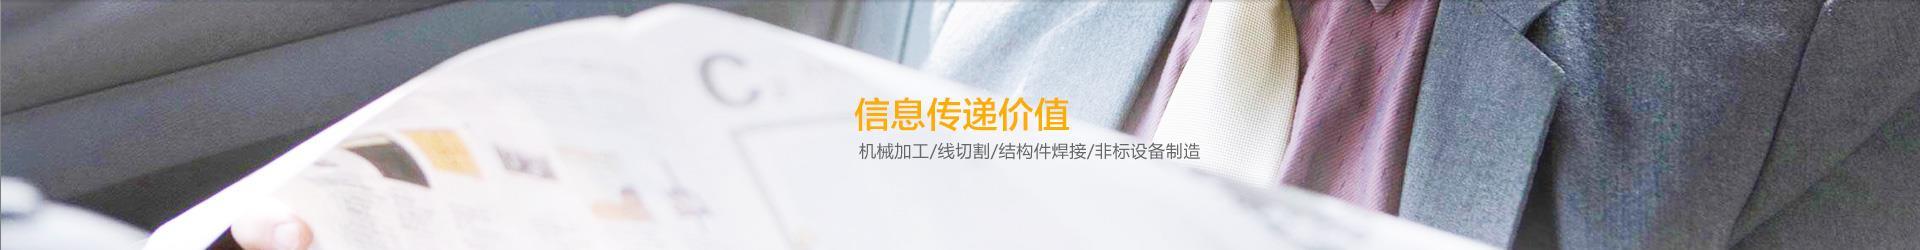 武清机加工厂提供优质产品与完善服务